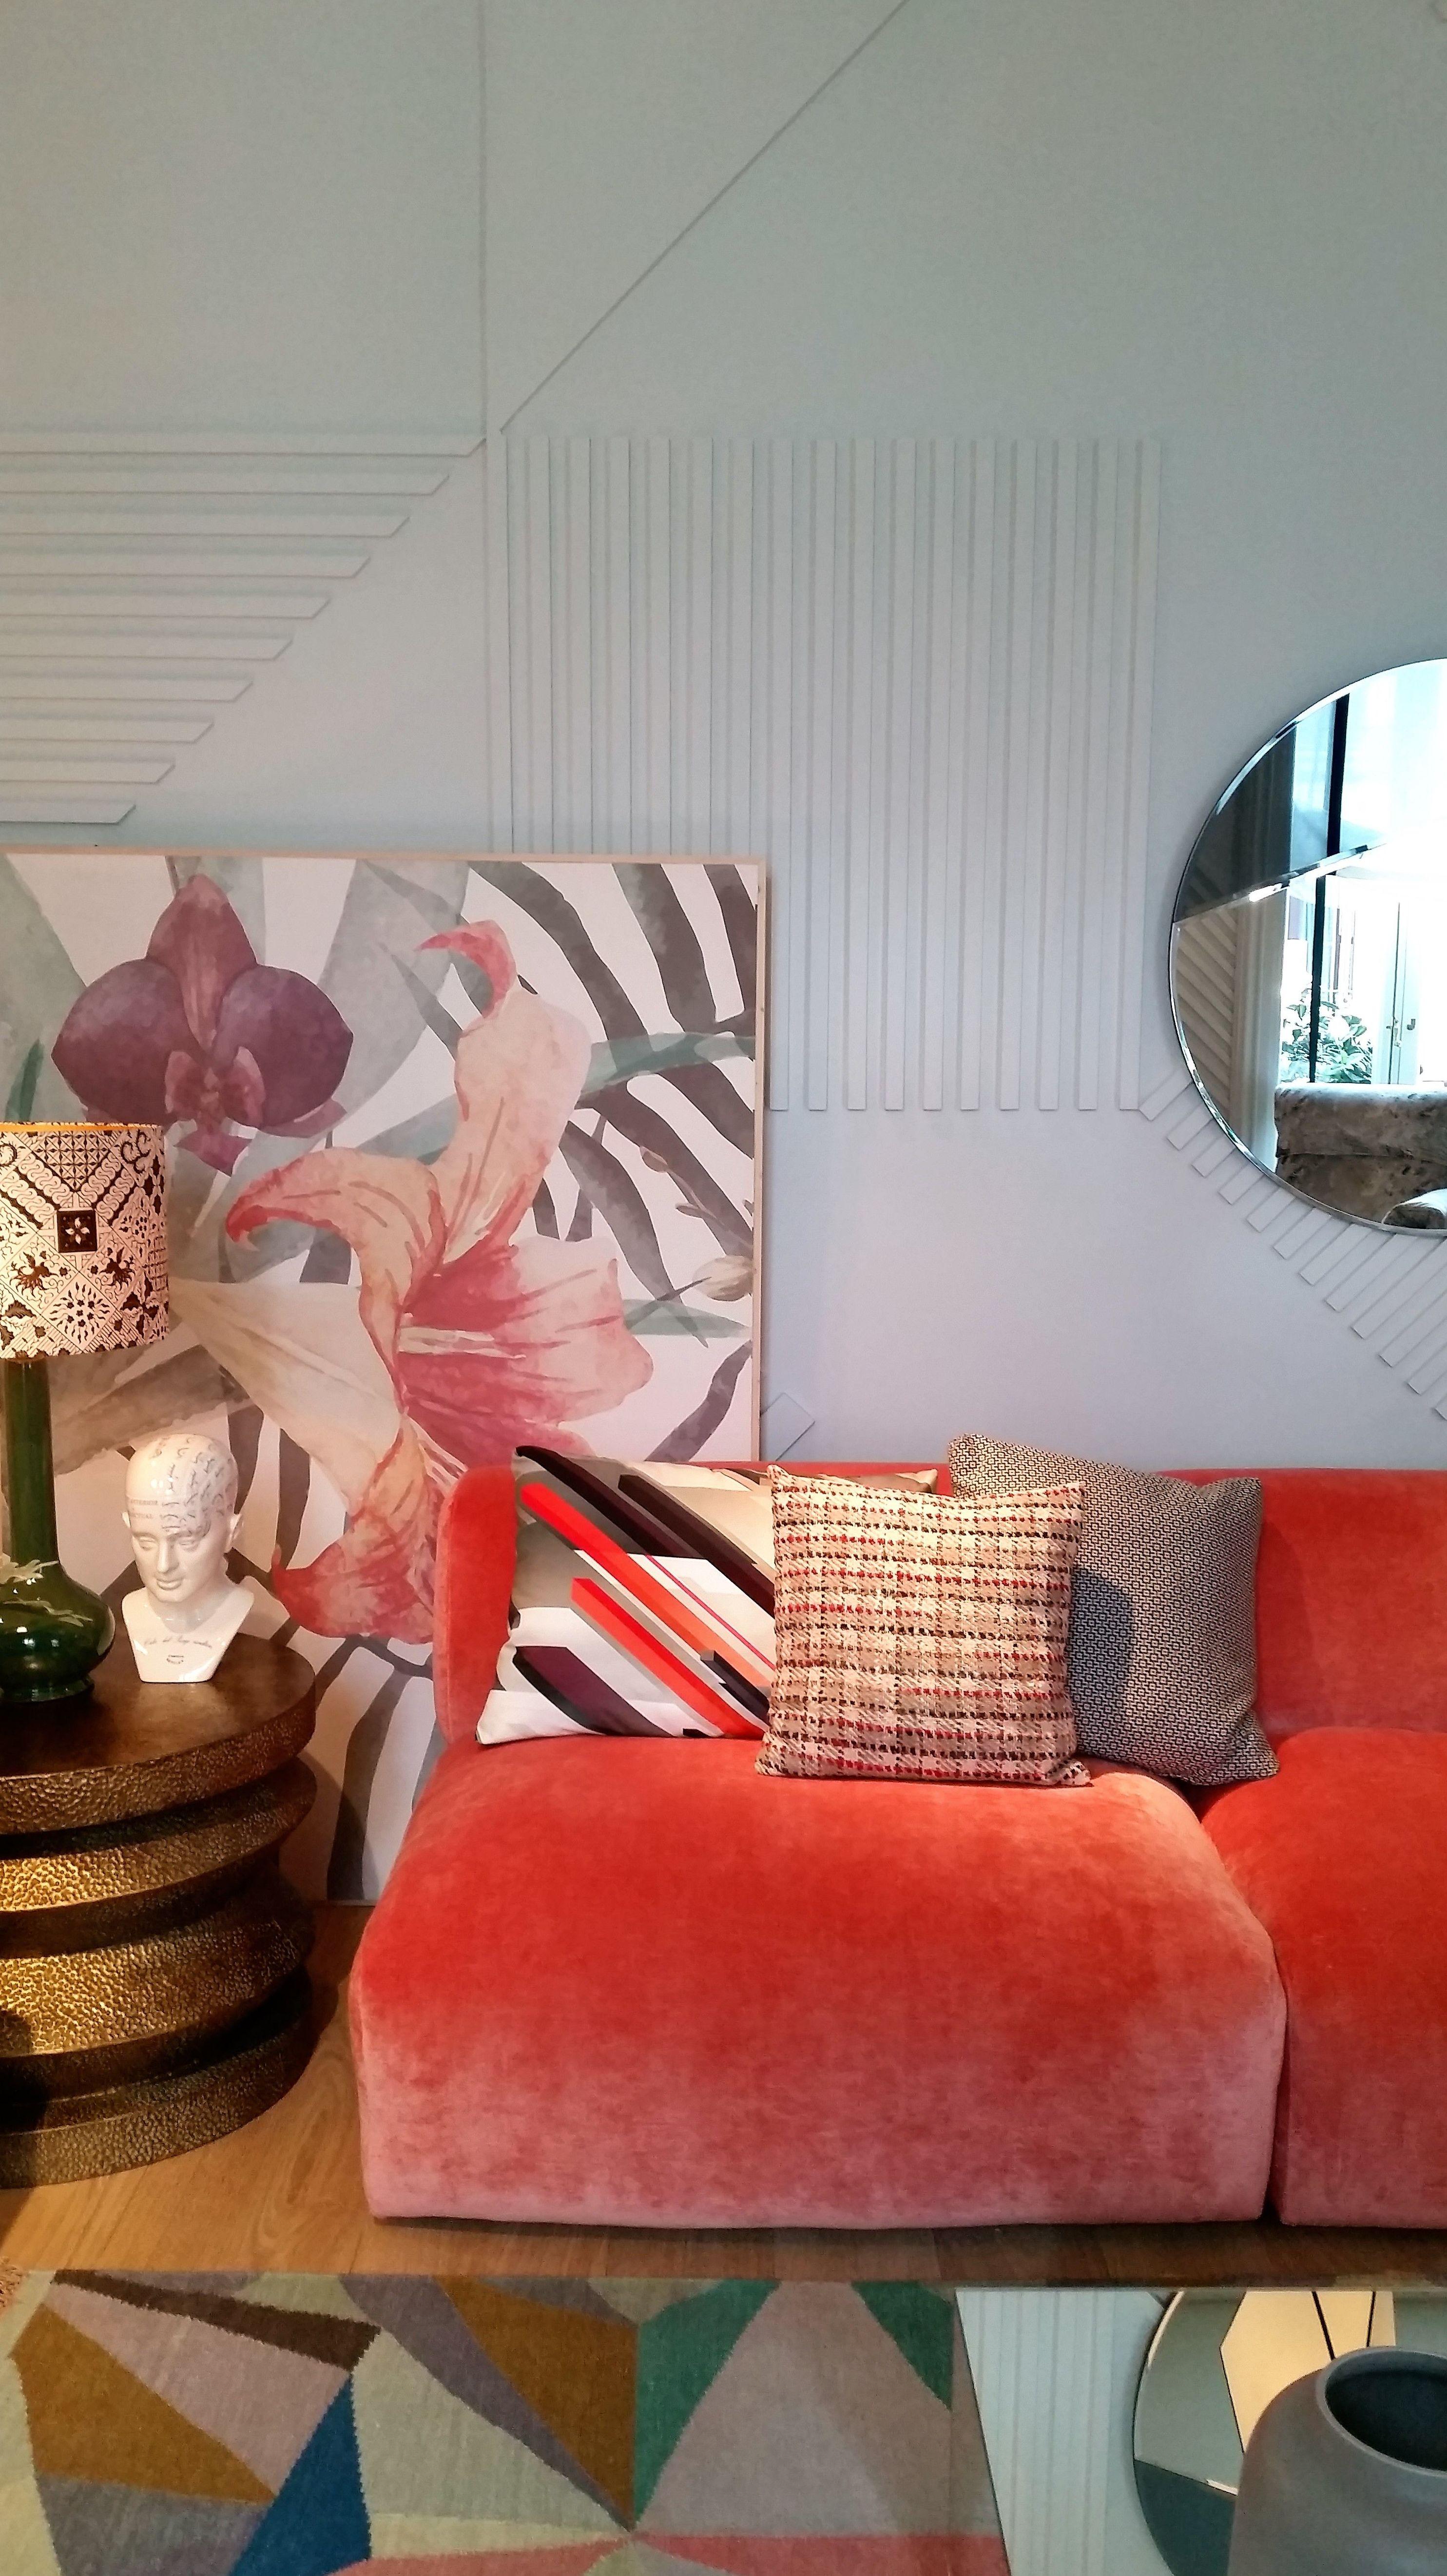 Nuestras telas presentes en Casa Decor 2016, en tapizados y complementos, ayudando a crear ambientes cálidos y acogedores.